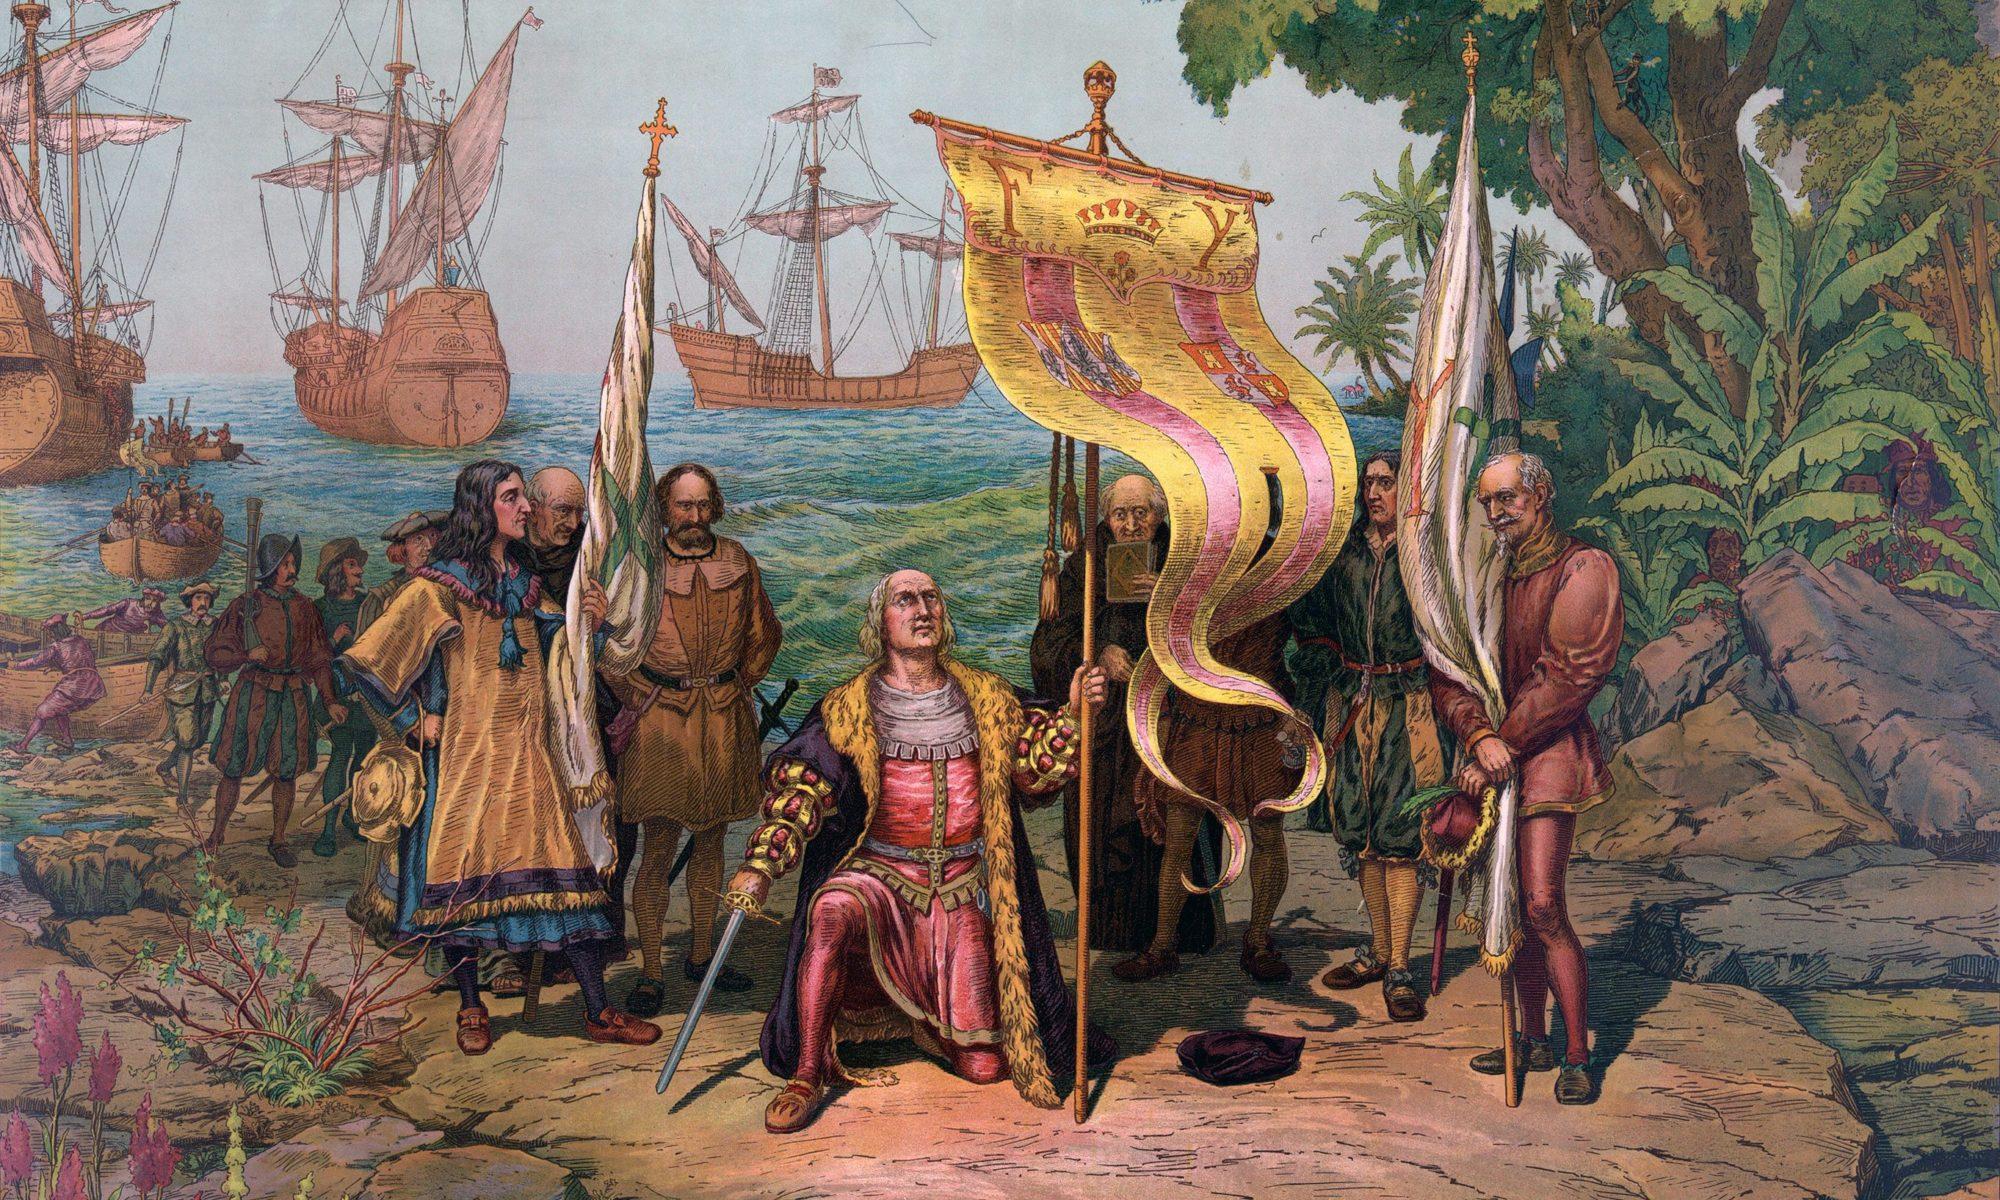 Quali sono le fonti di alcune delle bugie su Cristoforo Colombo?